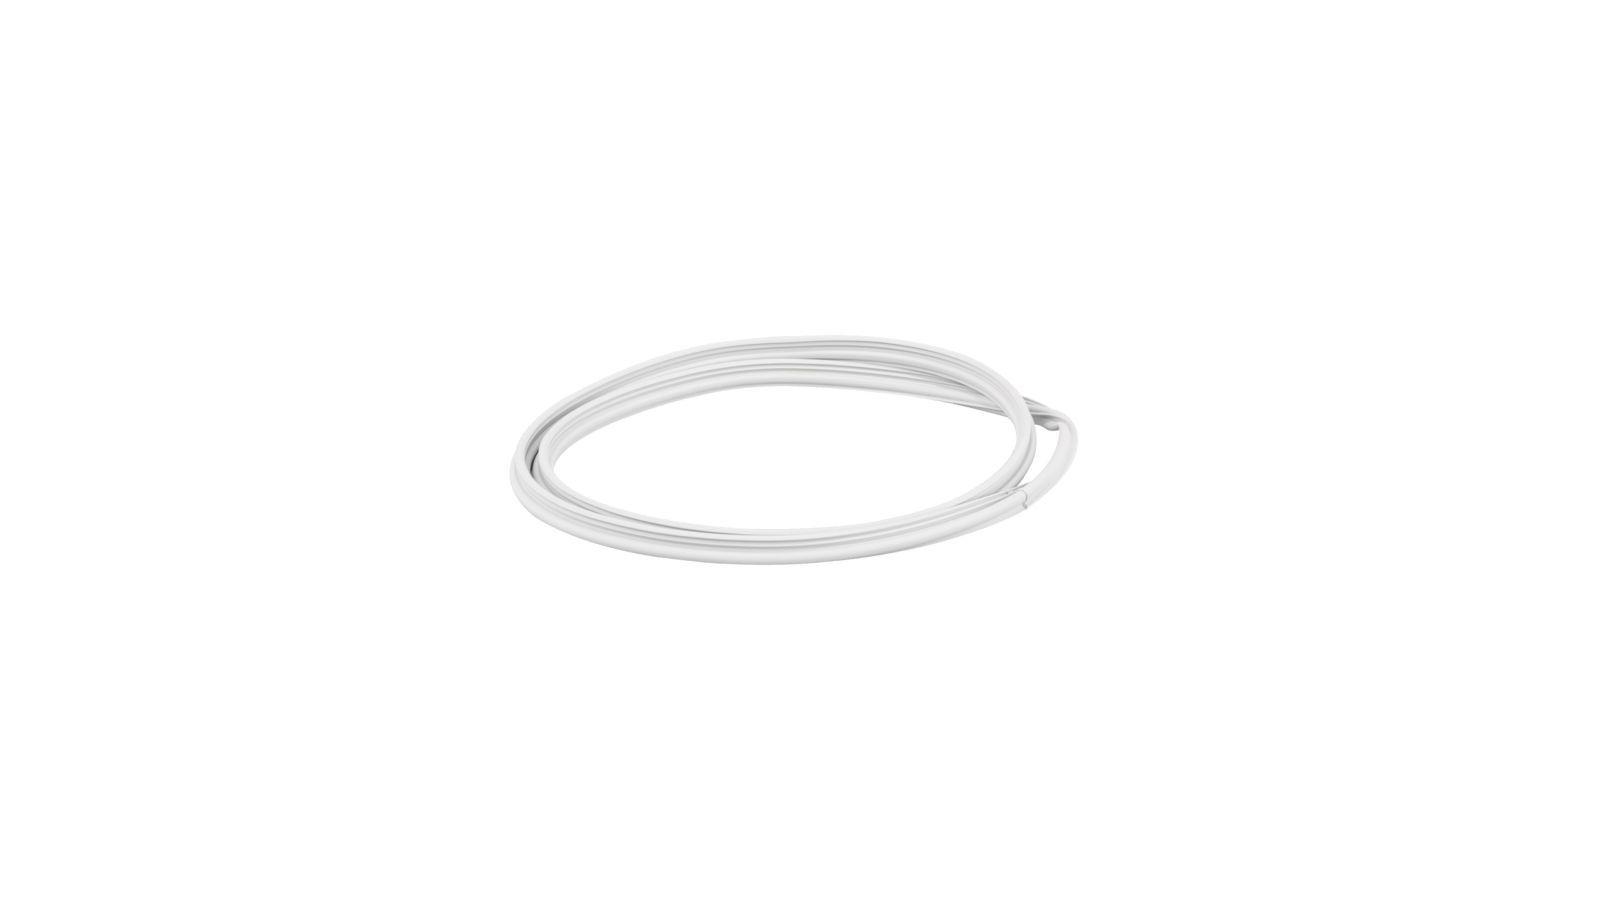 Těsnící kroužek do sušičky Bosch / Siemens - 00481704 BSH